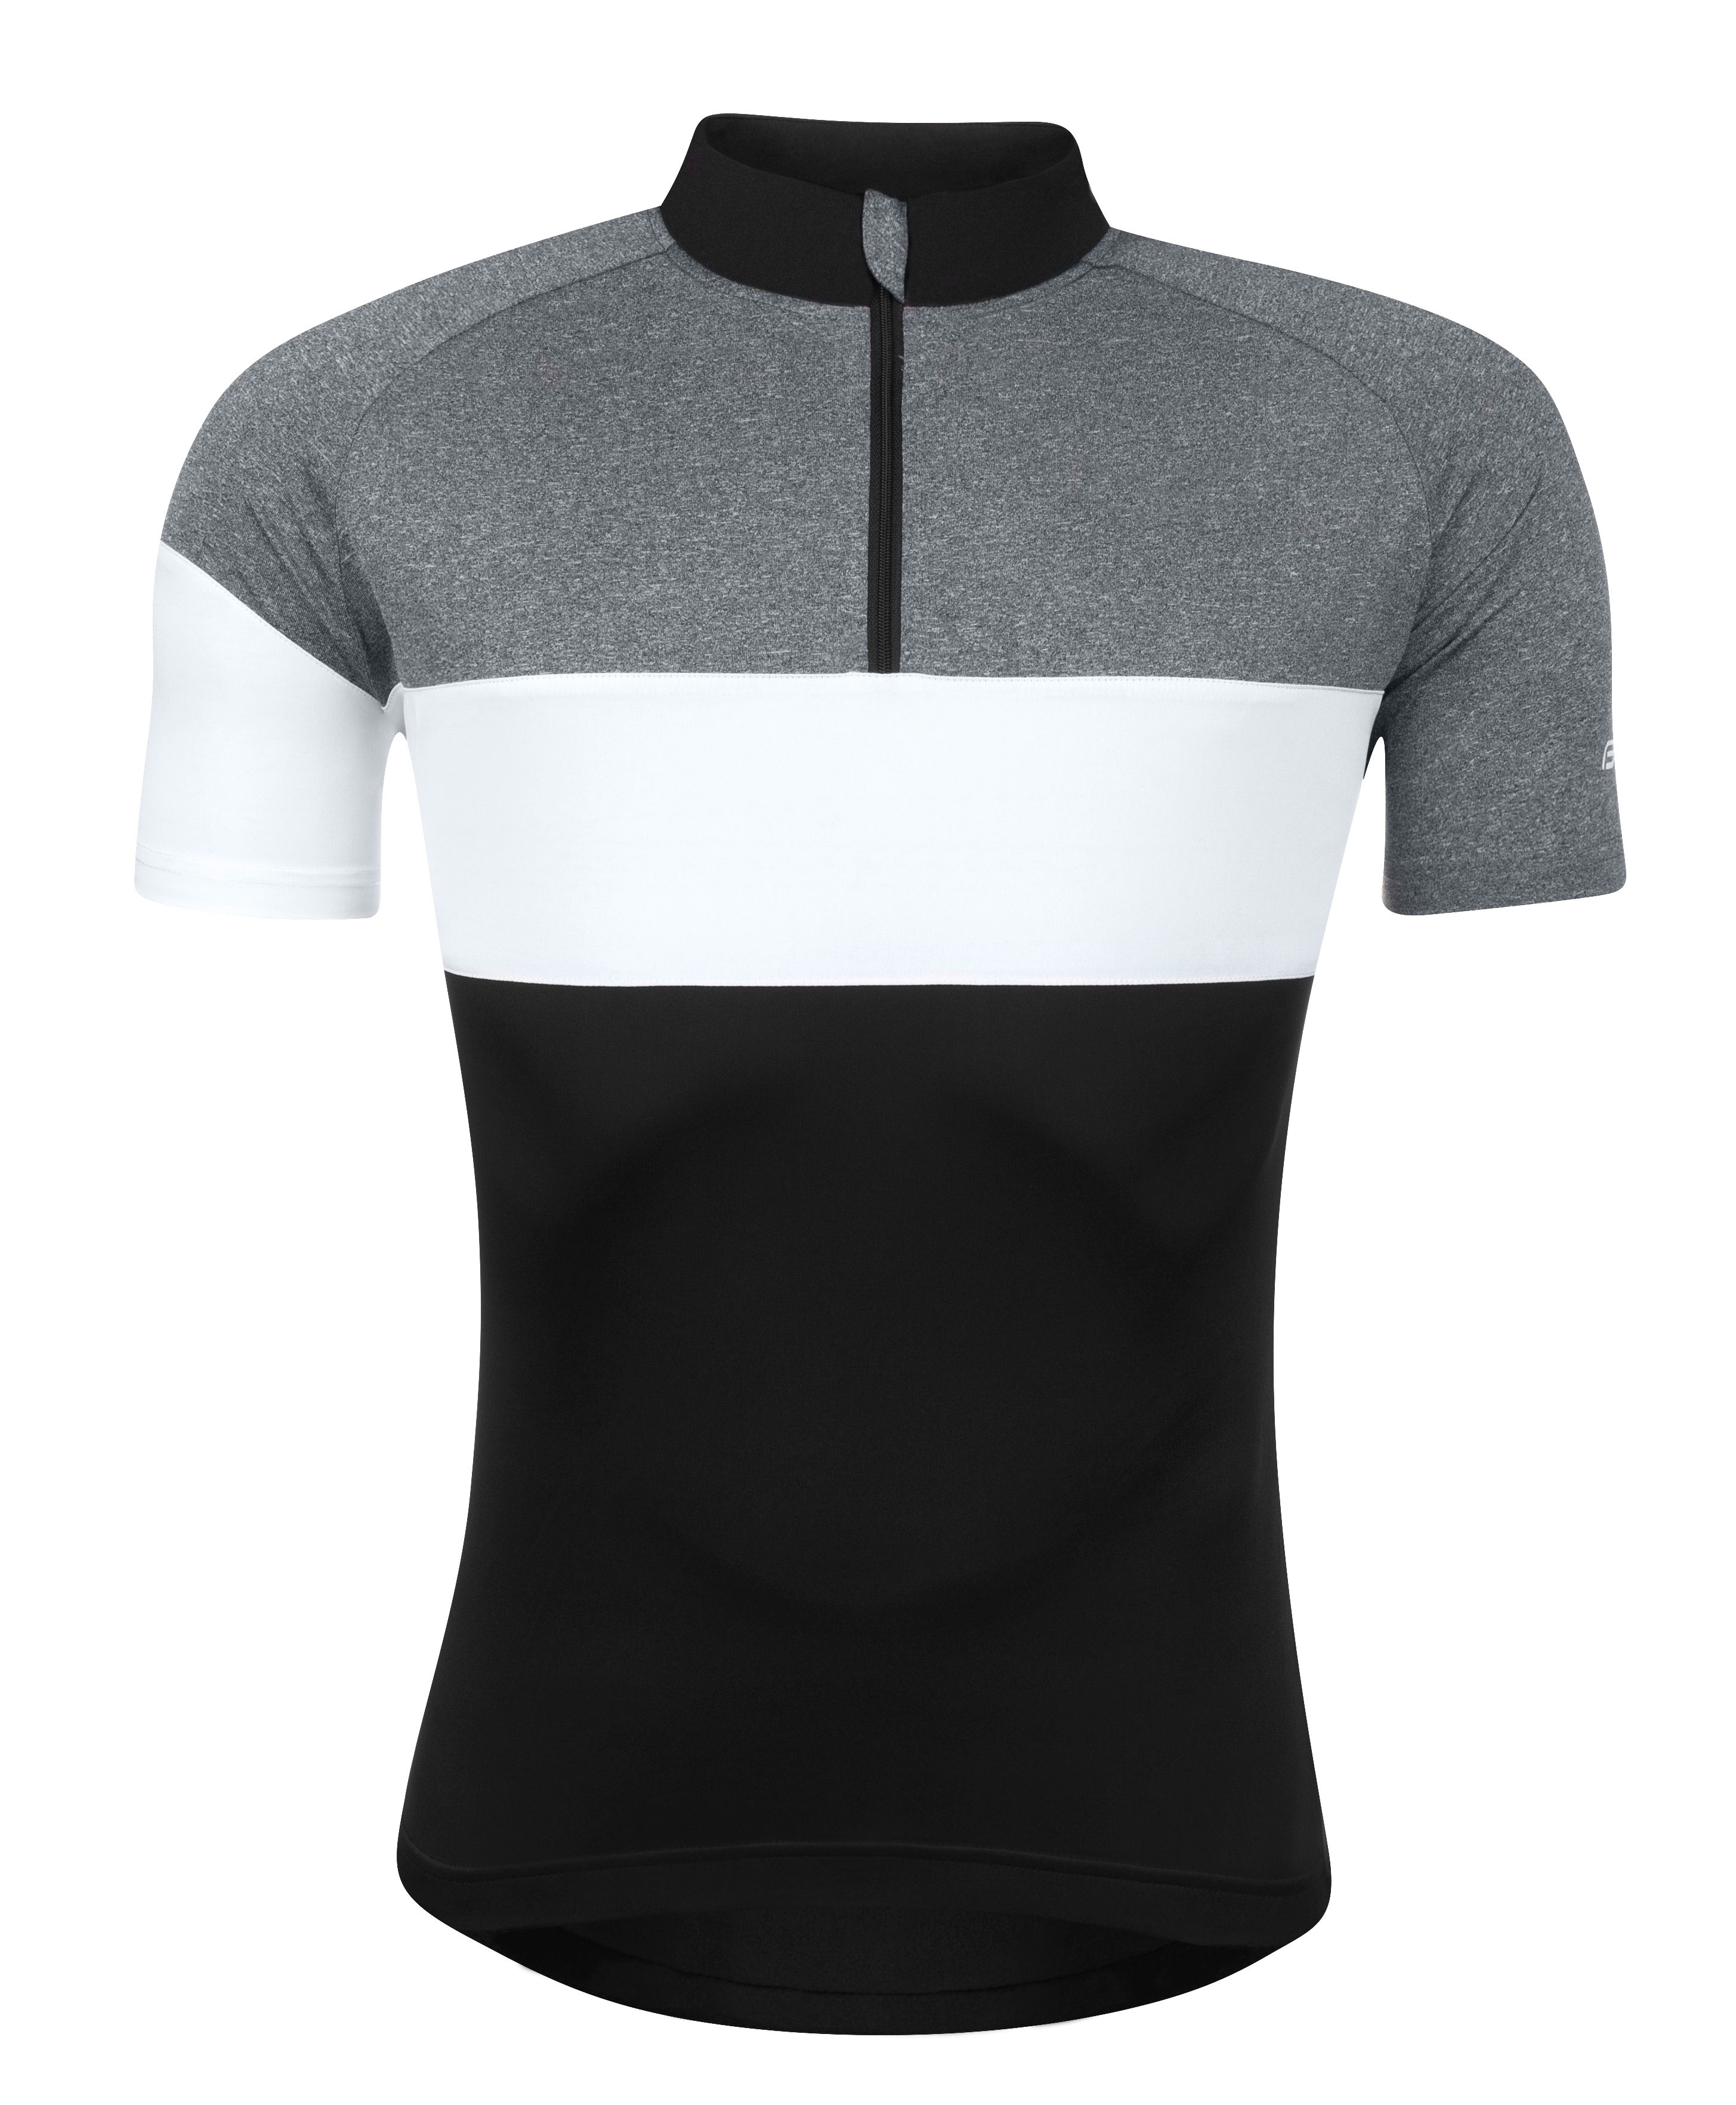 dres FORCE VIEW krátký rukáv,černo-šedo-bílý M